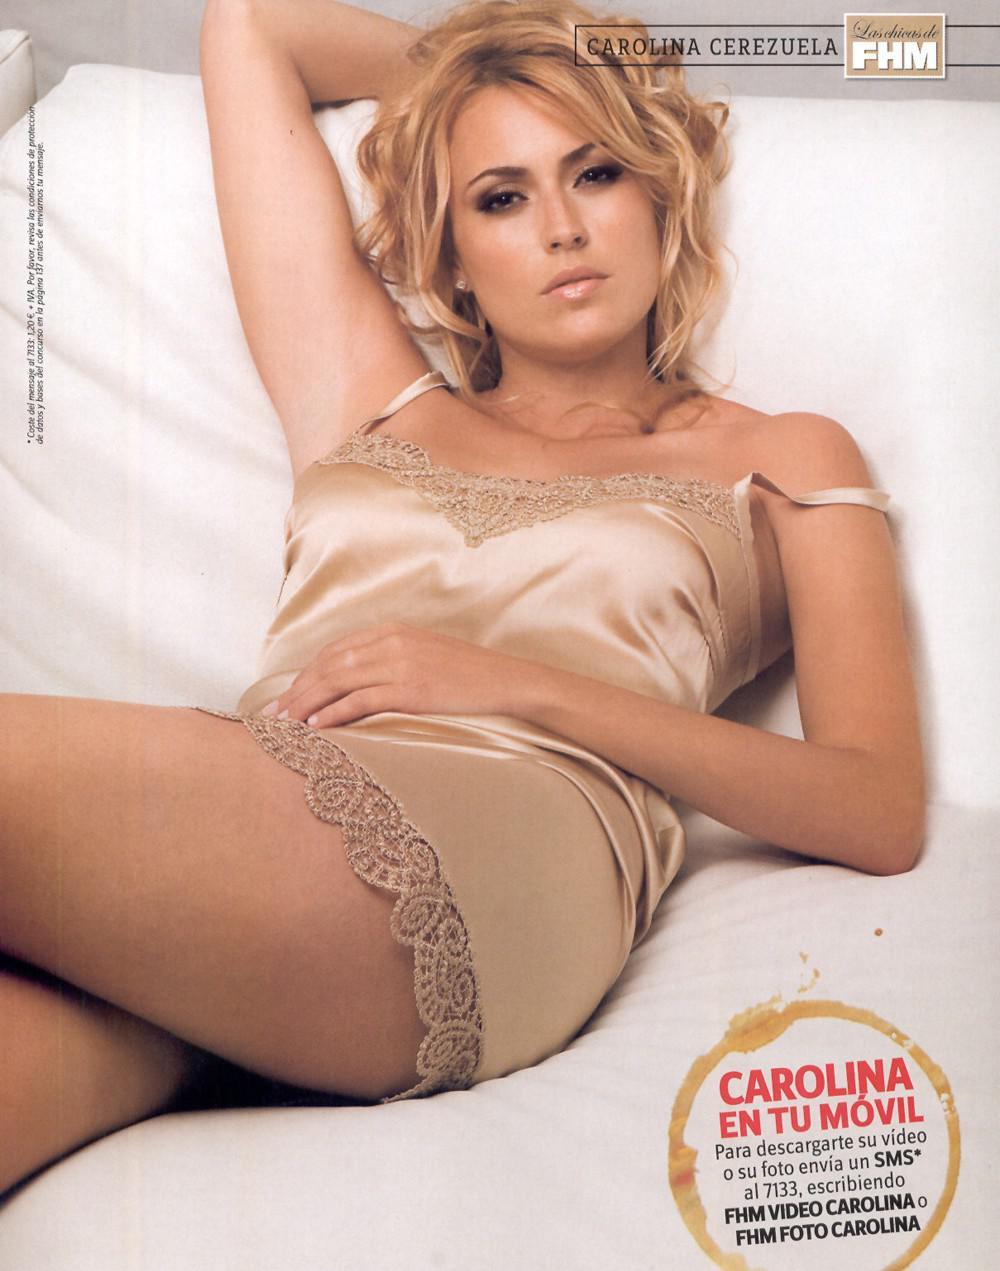 Carolina Cerezuela famosas xxx